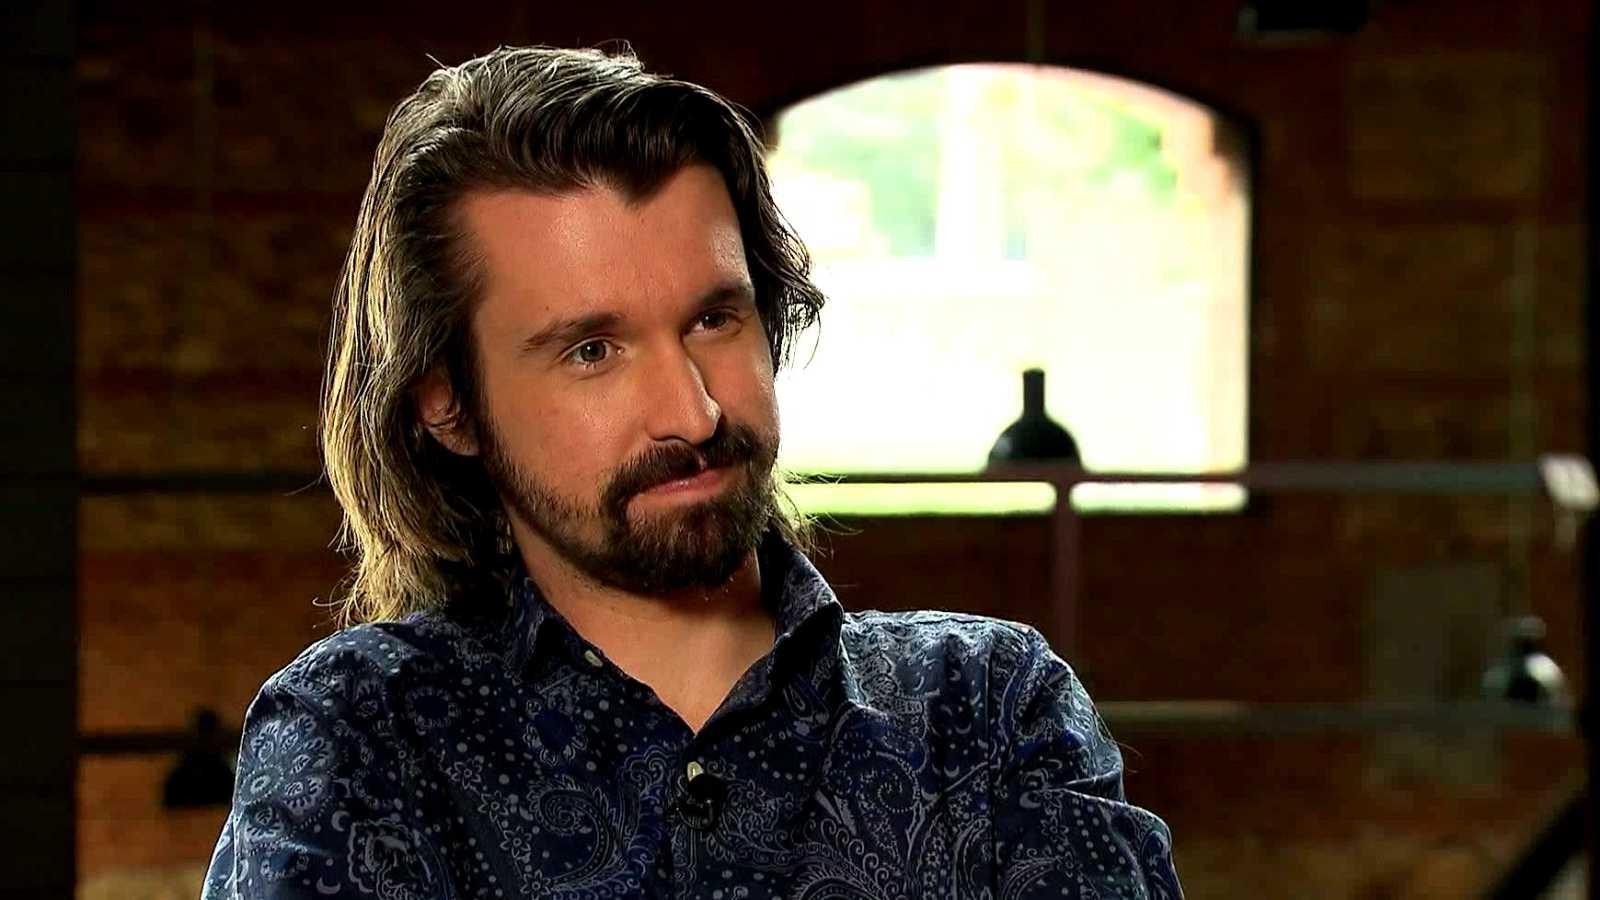 Entrevista completa con el actor Santi Alverú